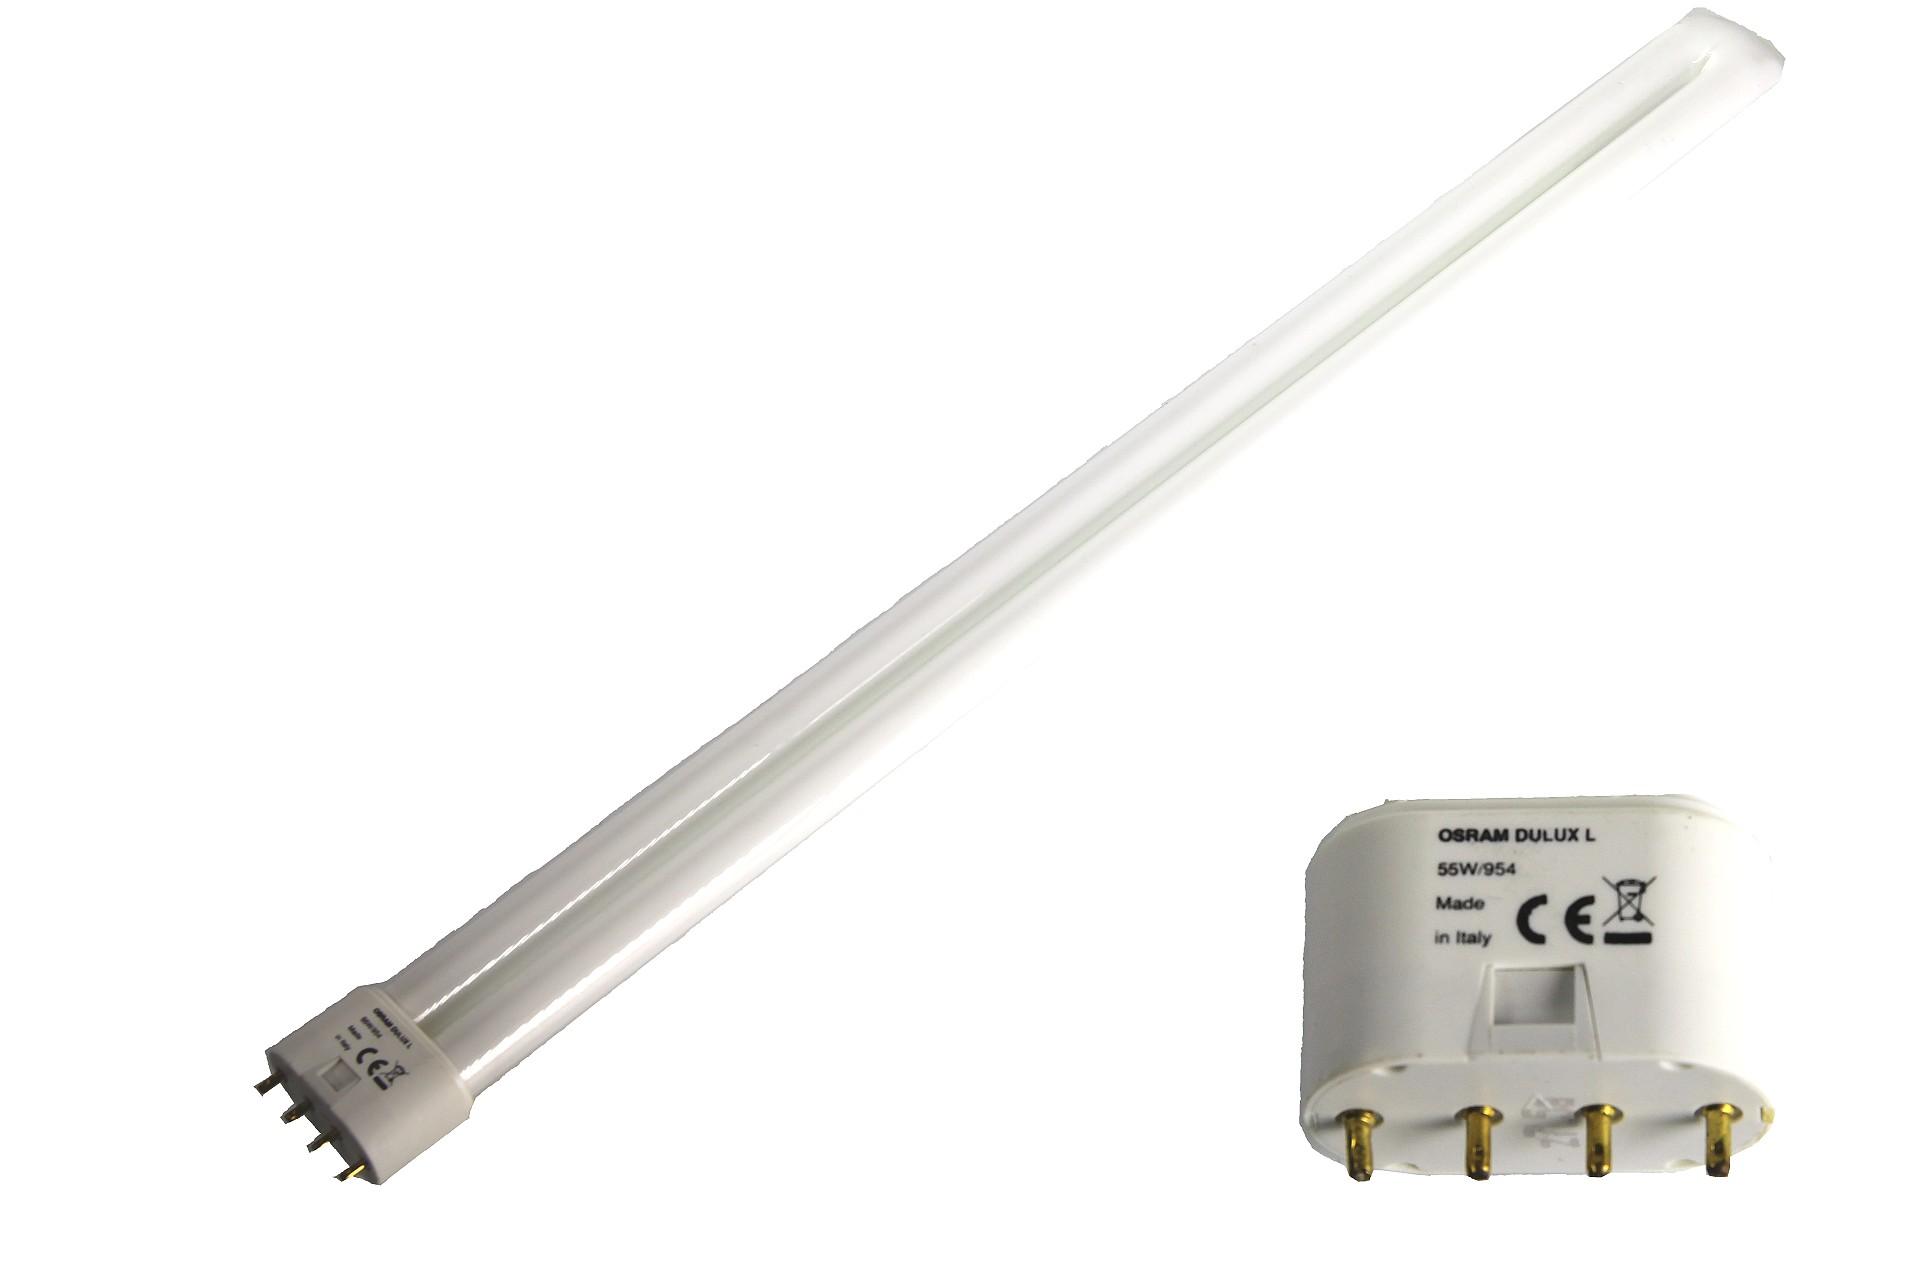 Artikelfoto 1 Ersatz Leuchtmittel Original OSRAM DULUX-L 55W/954 Kaltweiß für Studioleuchten